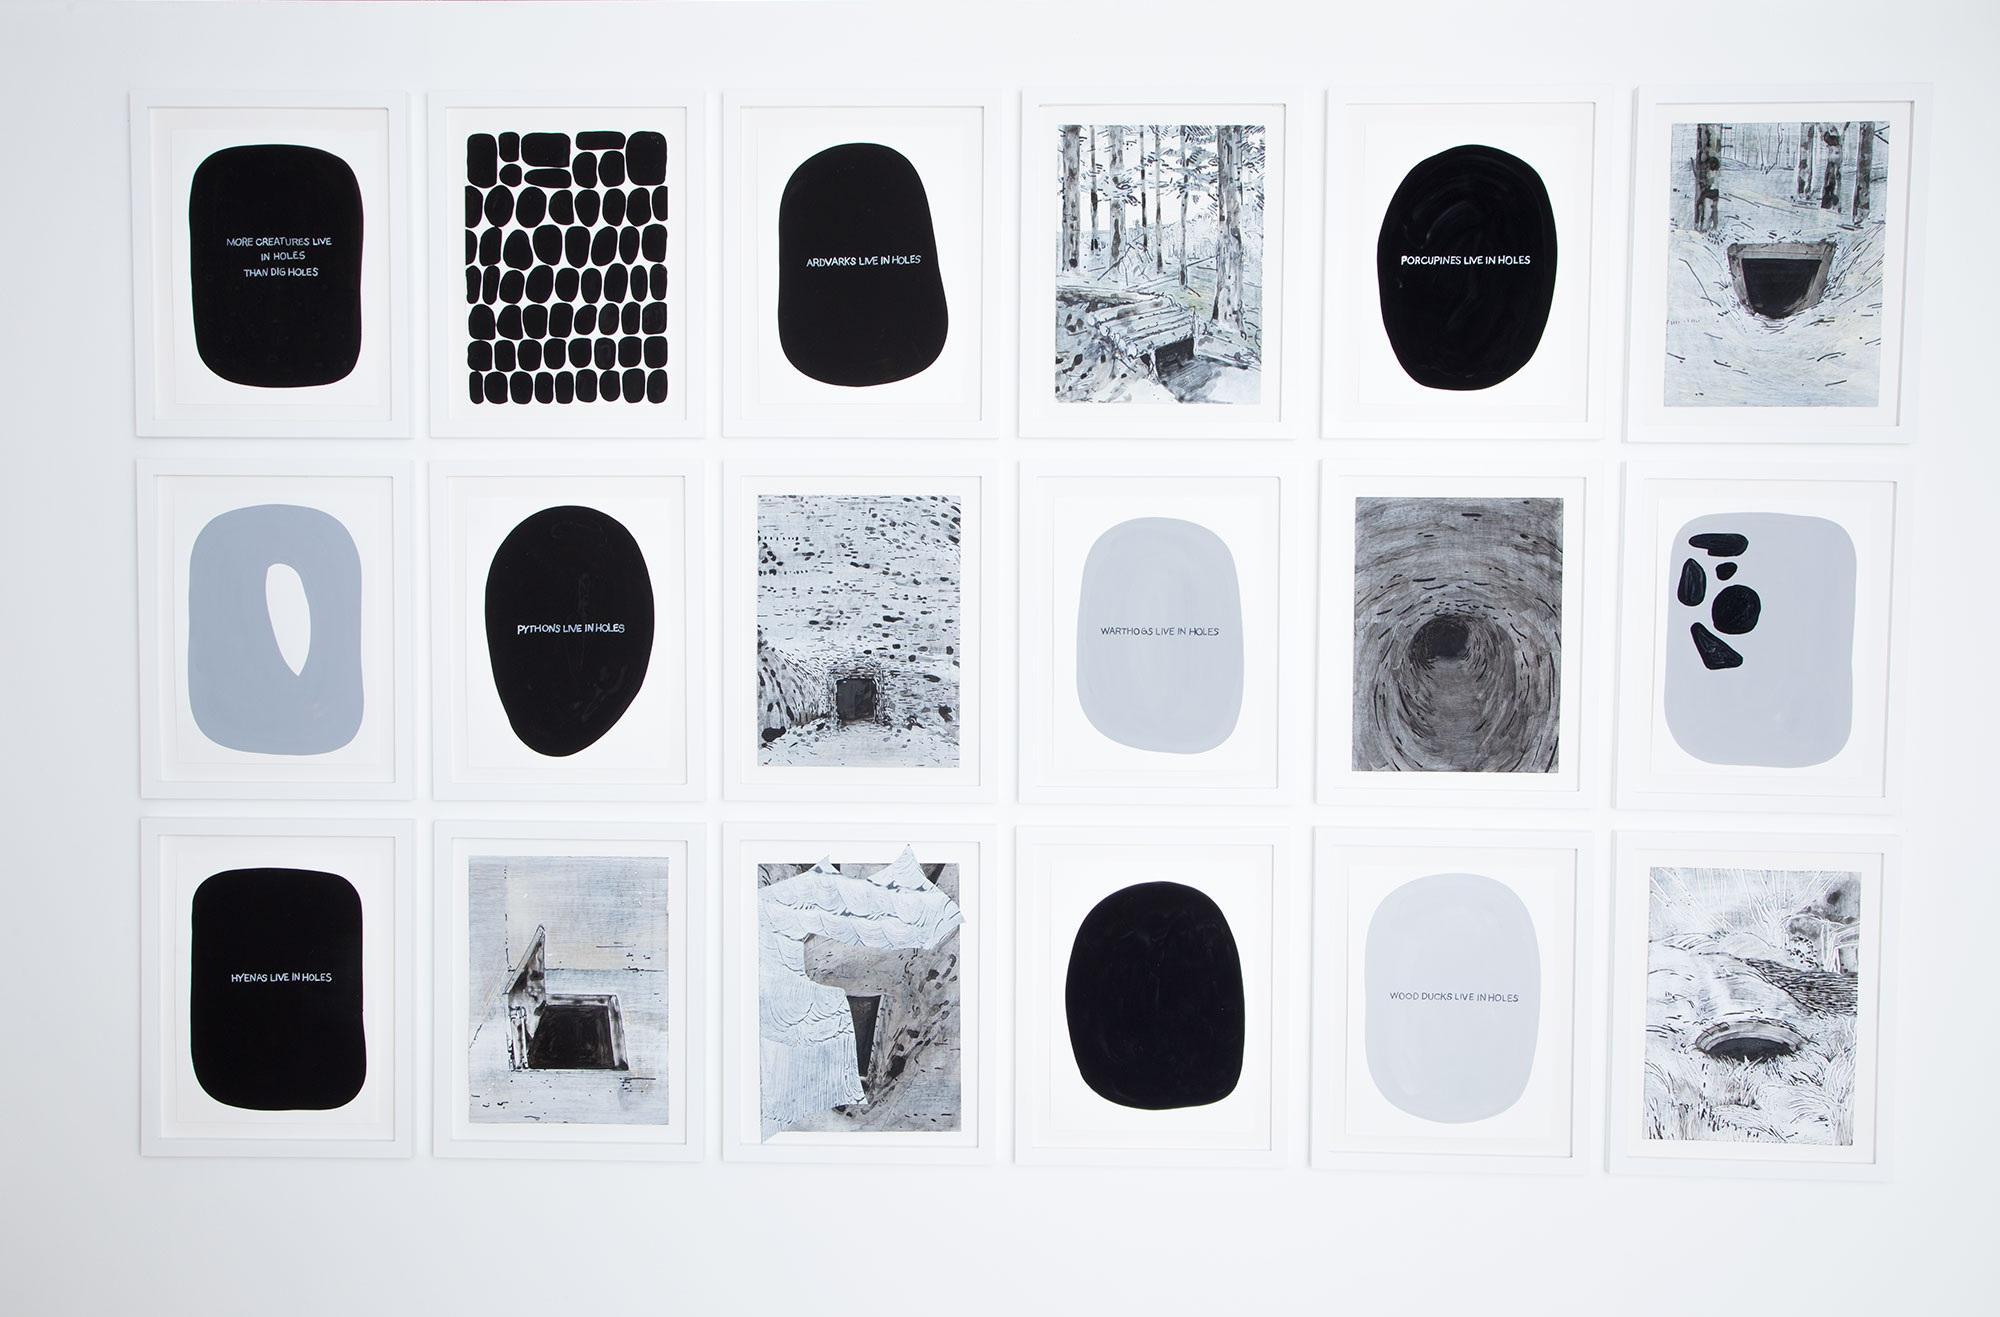 Joey Fauerso, A Hole Life, 2015